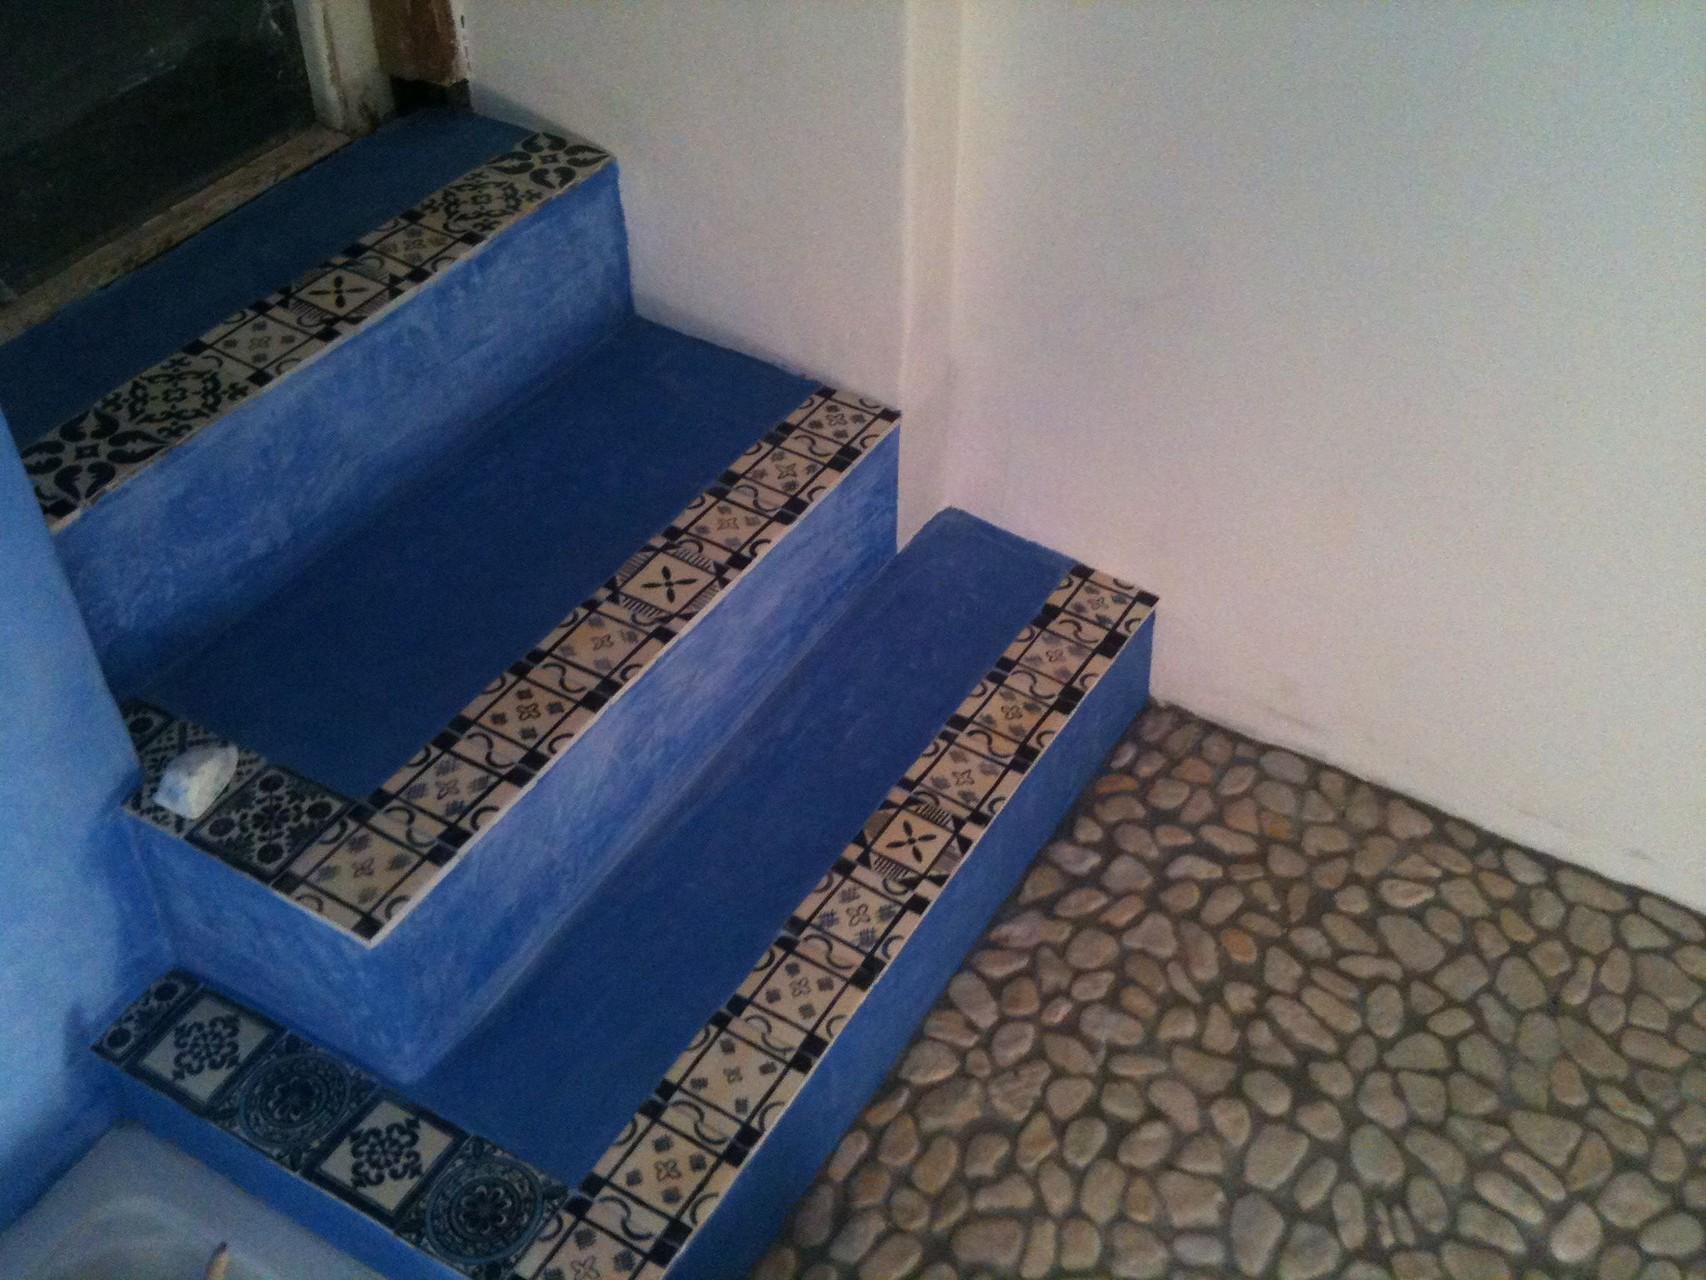 tadelakt und stucco ed schumacher basel malen gipsen kunst am bau. Black Bedroom Furniture Sets. Home Design Ideas